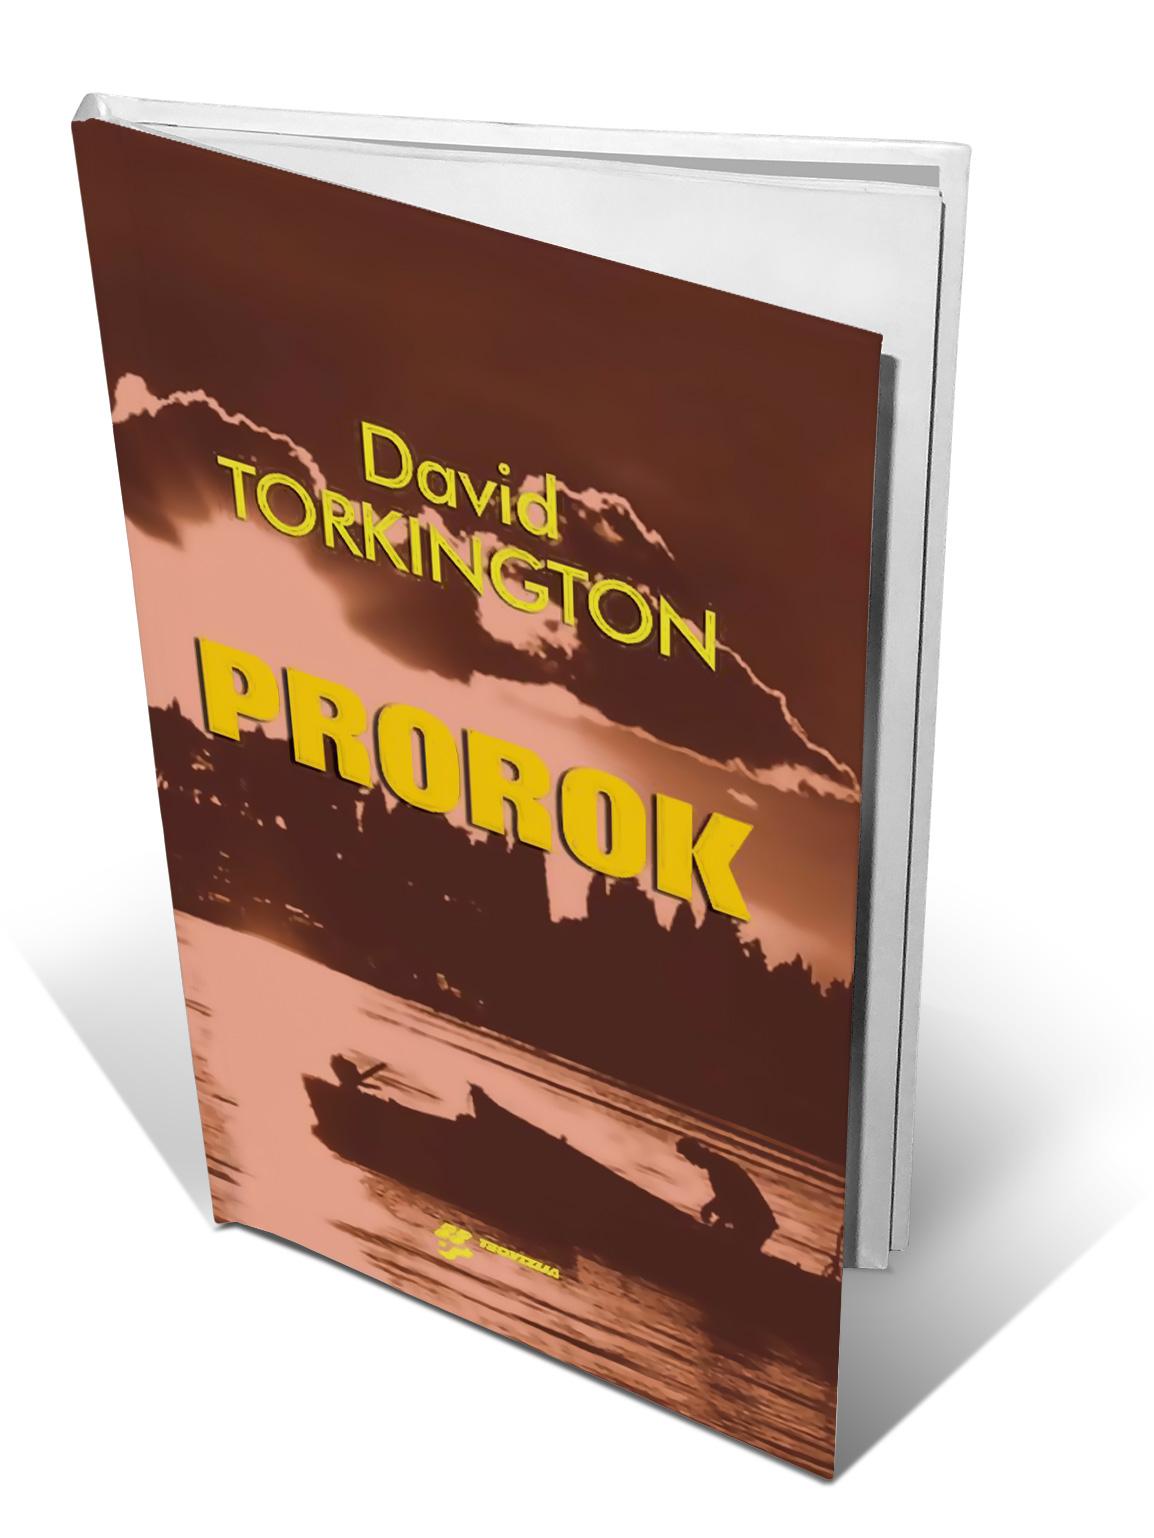 PROROK - David Torkington